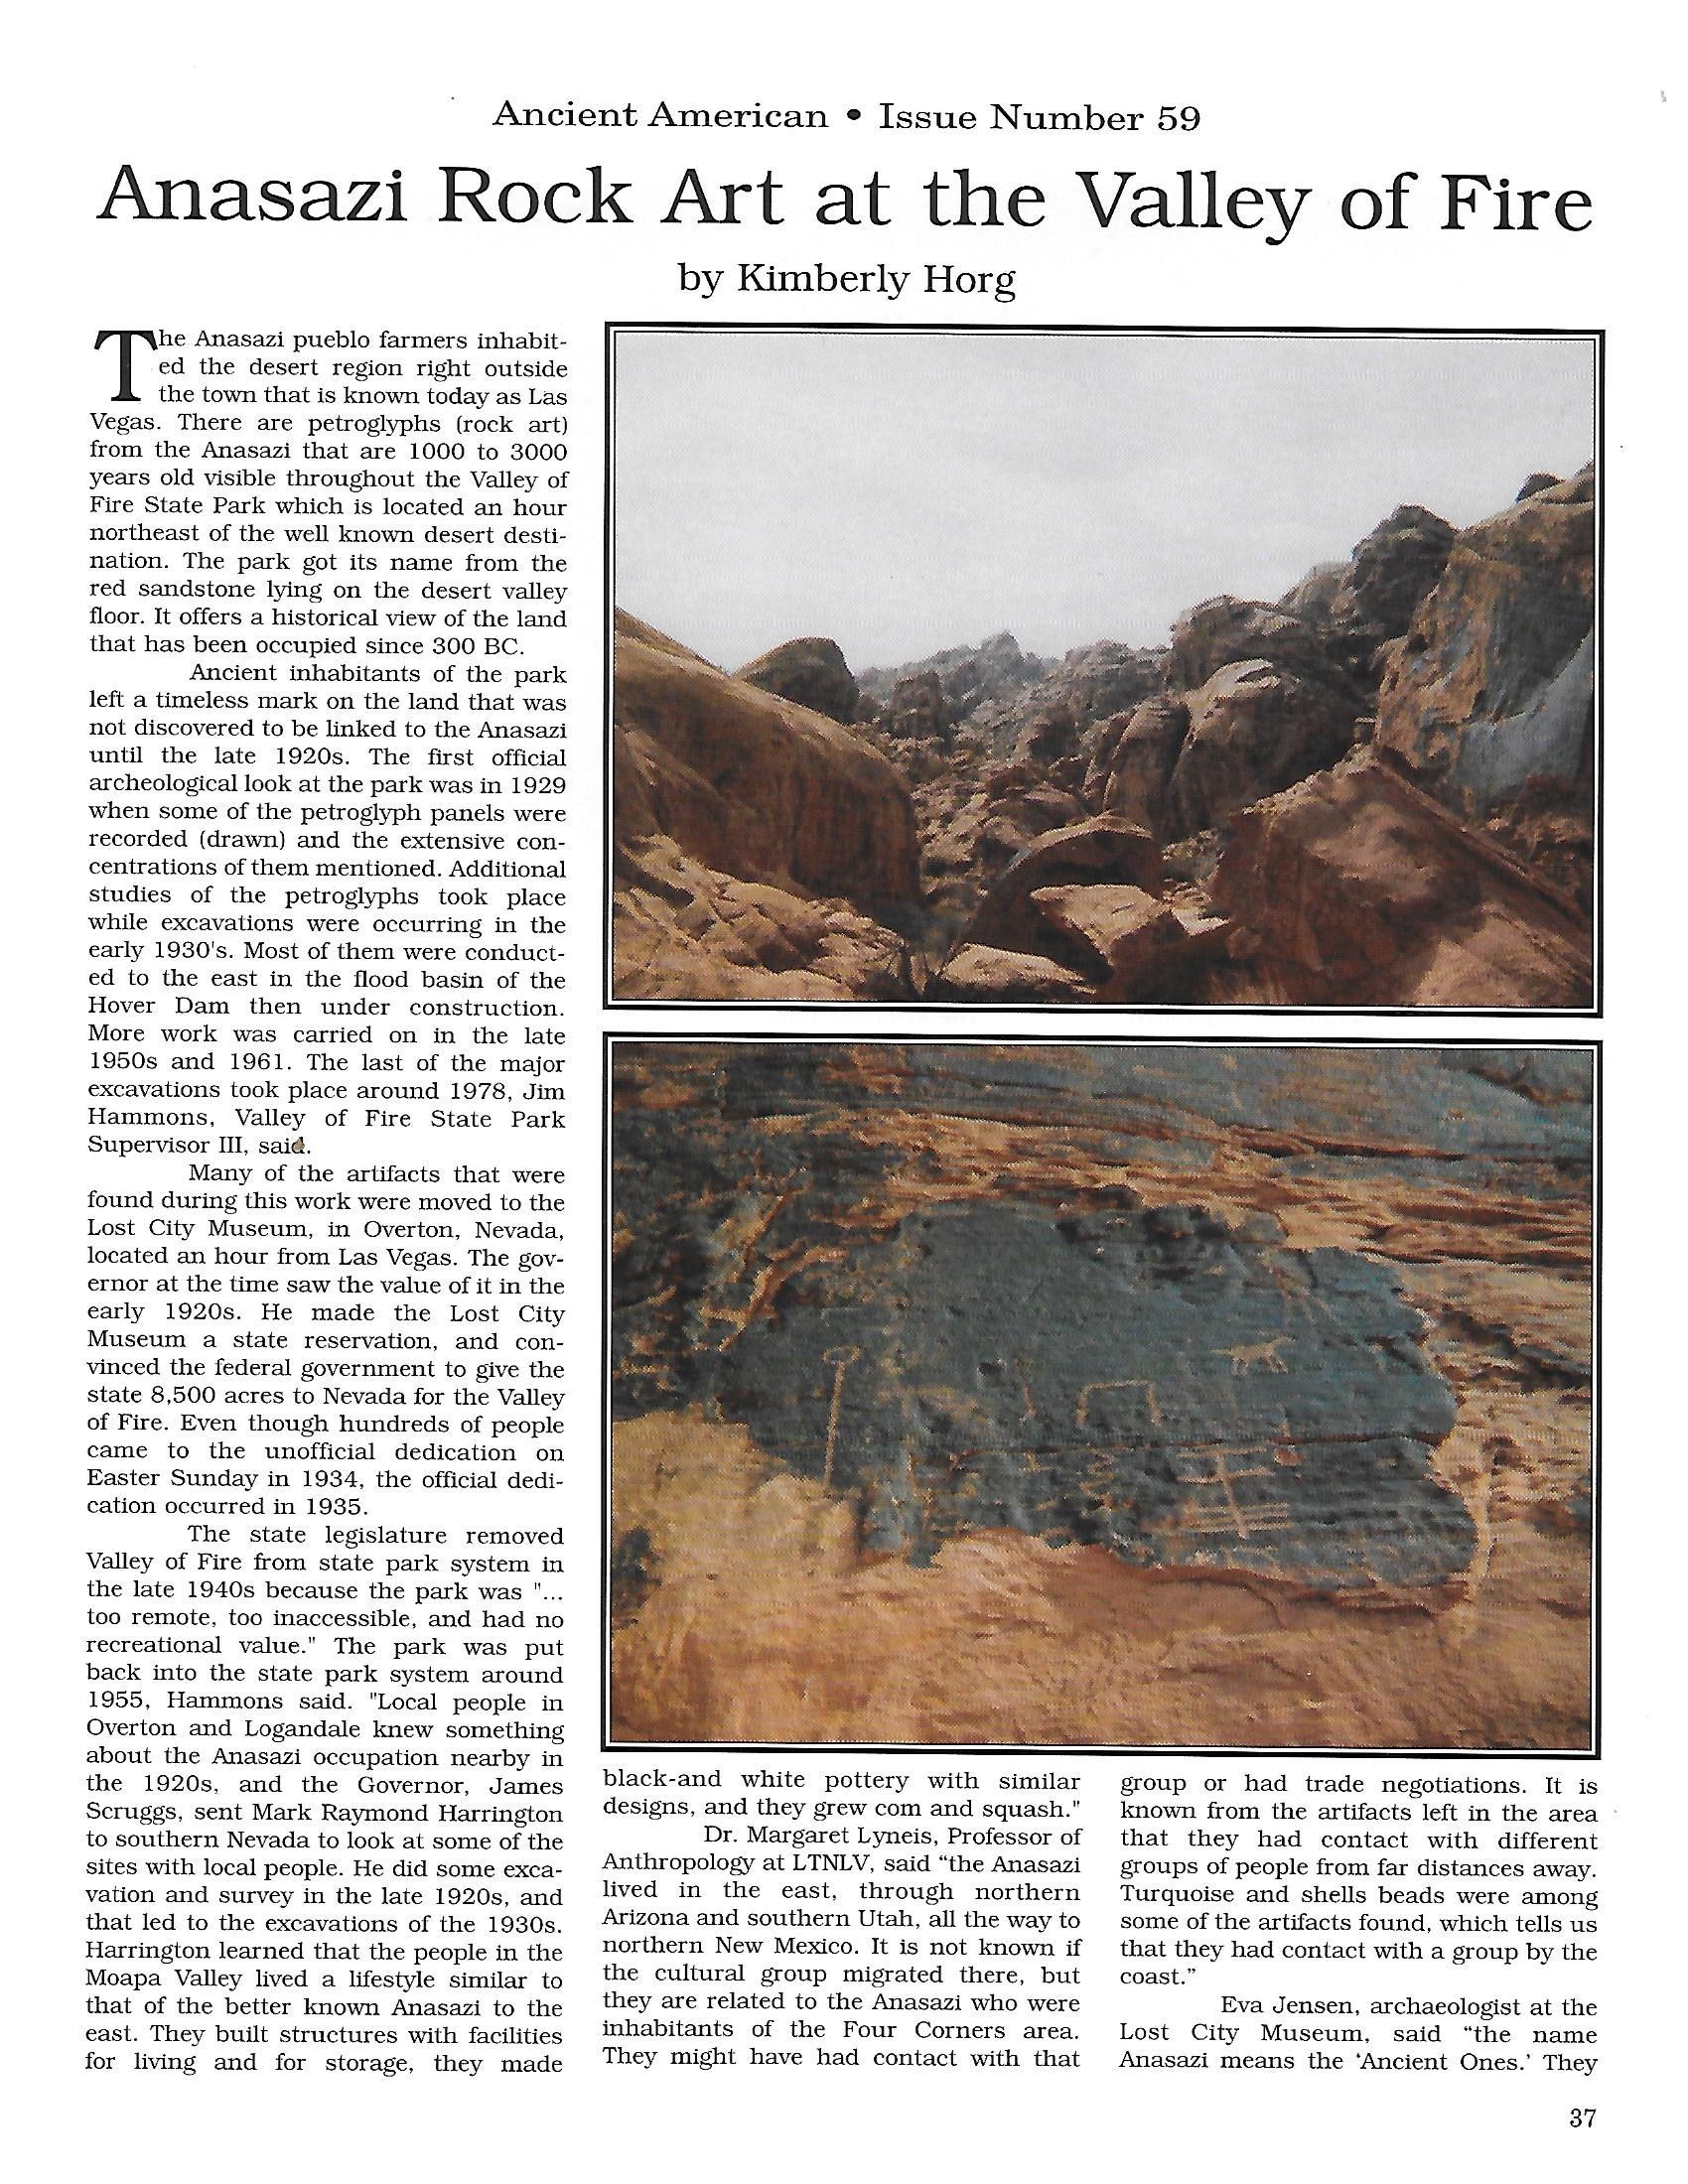 Anasazi Rock Art_0001.jpg